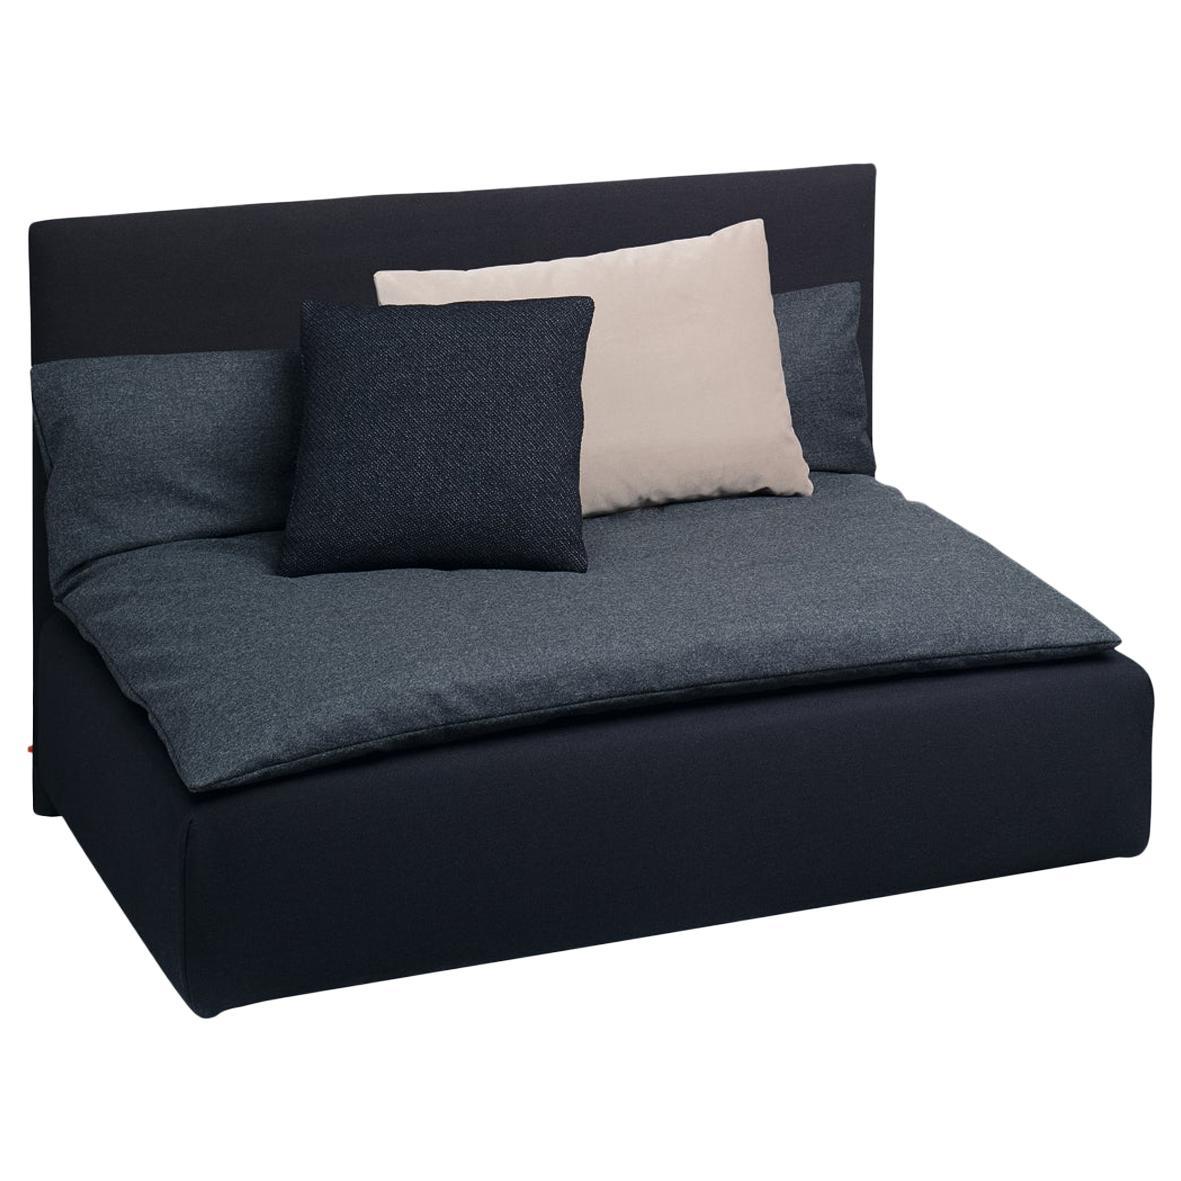 e15 Shiraz Sofa by Philipp Mainzer and Farah Ebrahimi 'Module 7'